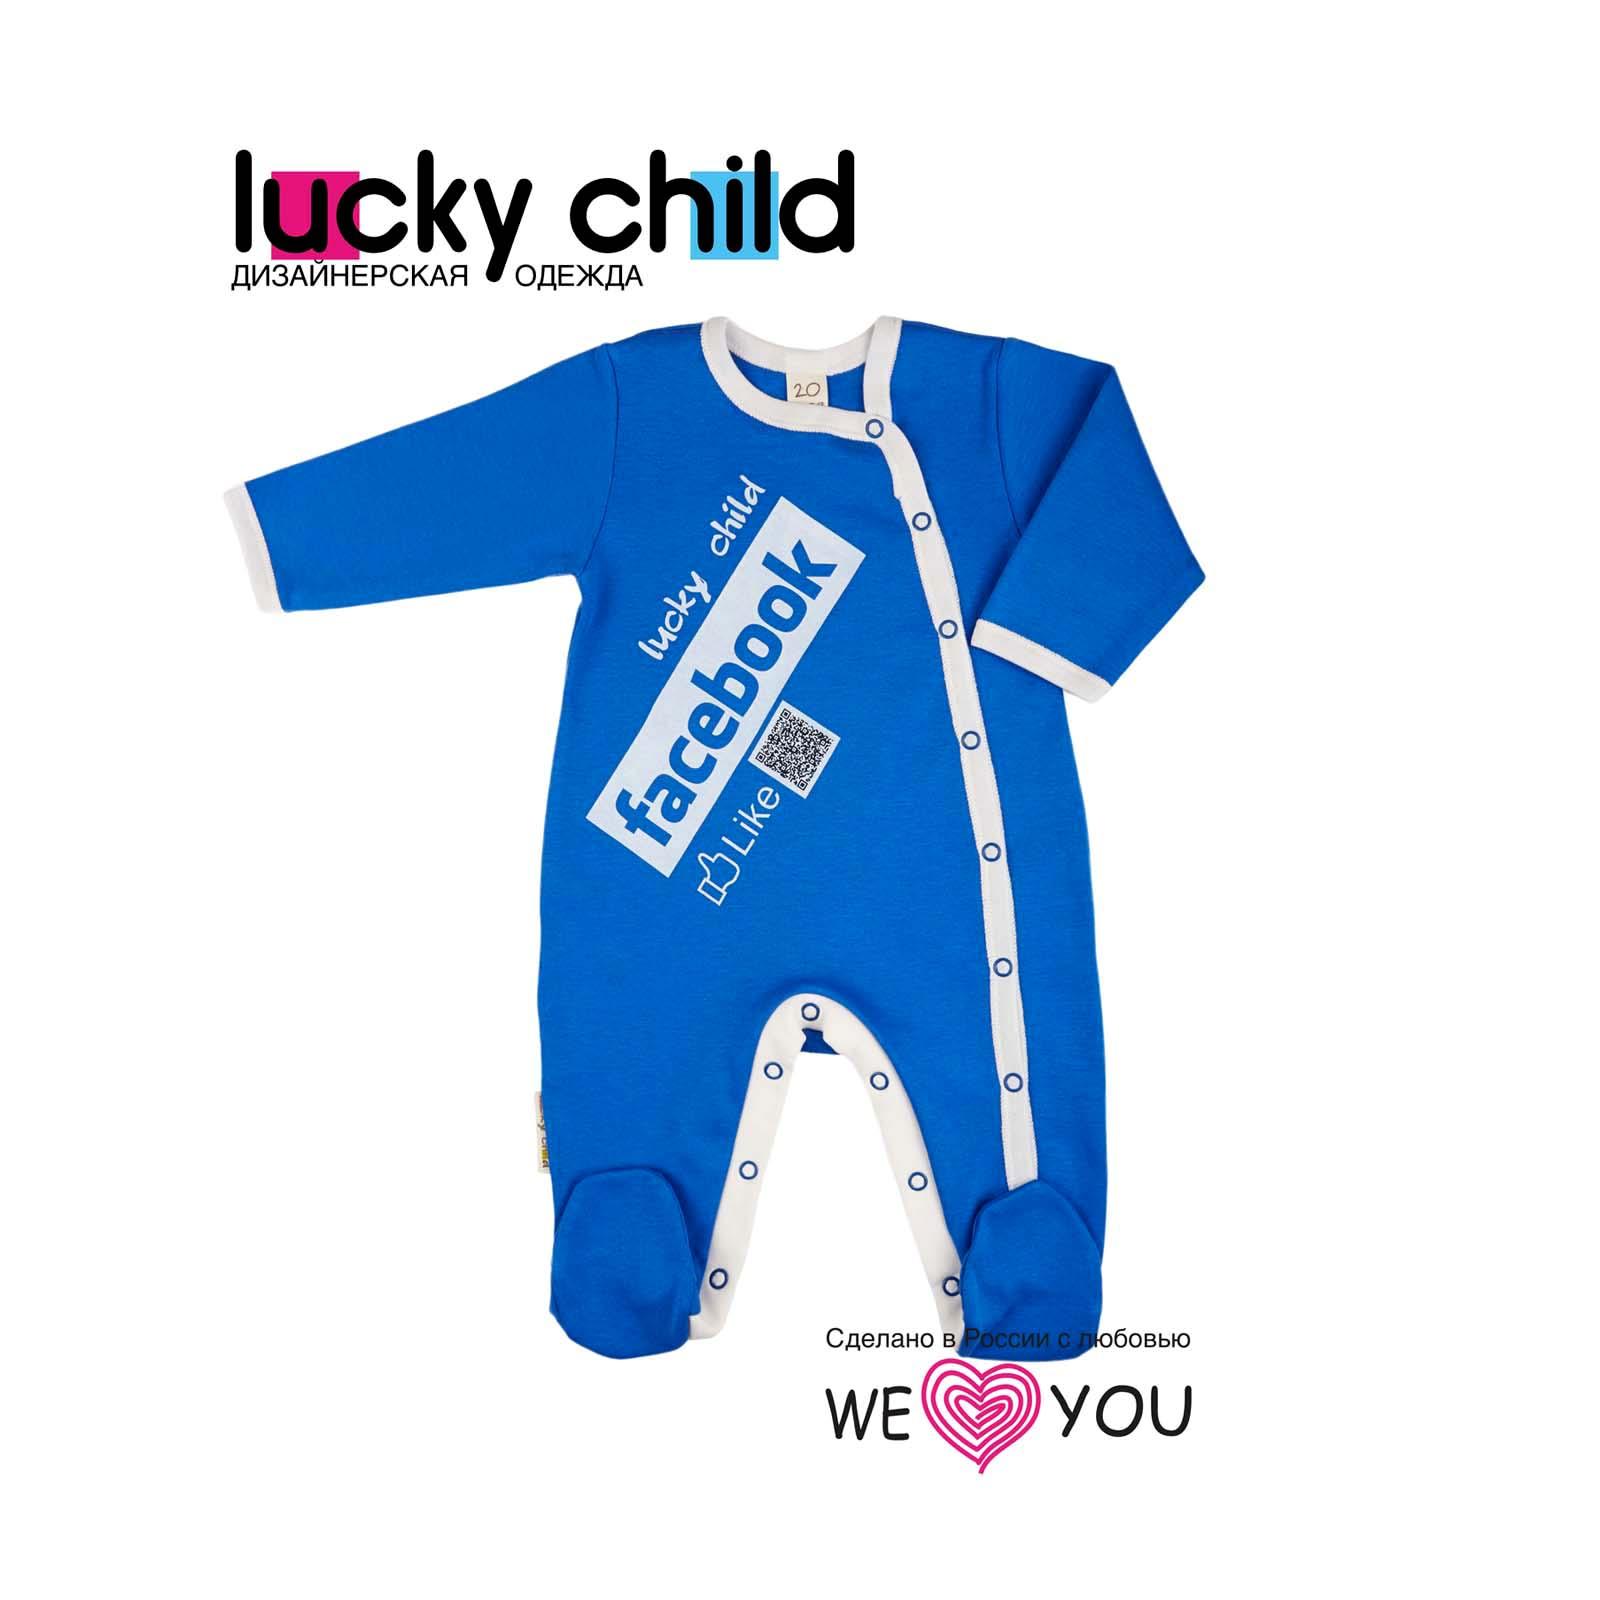 Комбинезон Lucky Child с надписью Facebook размер 74<br>